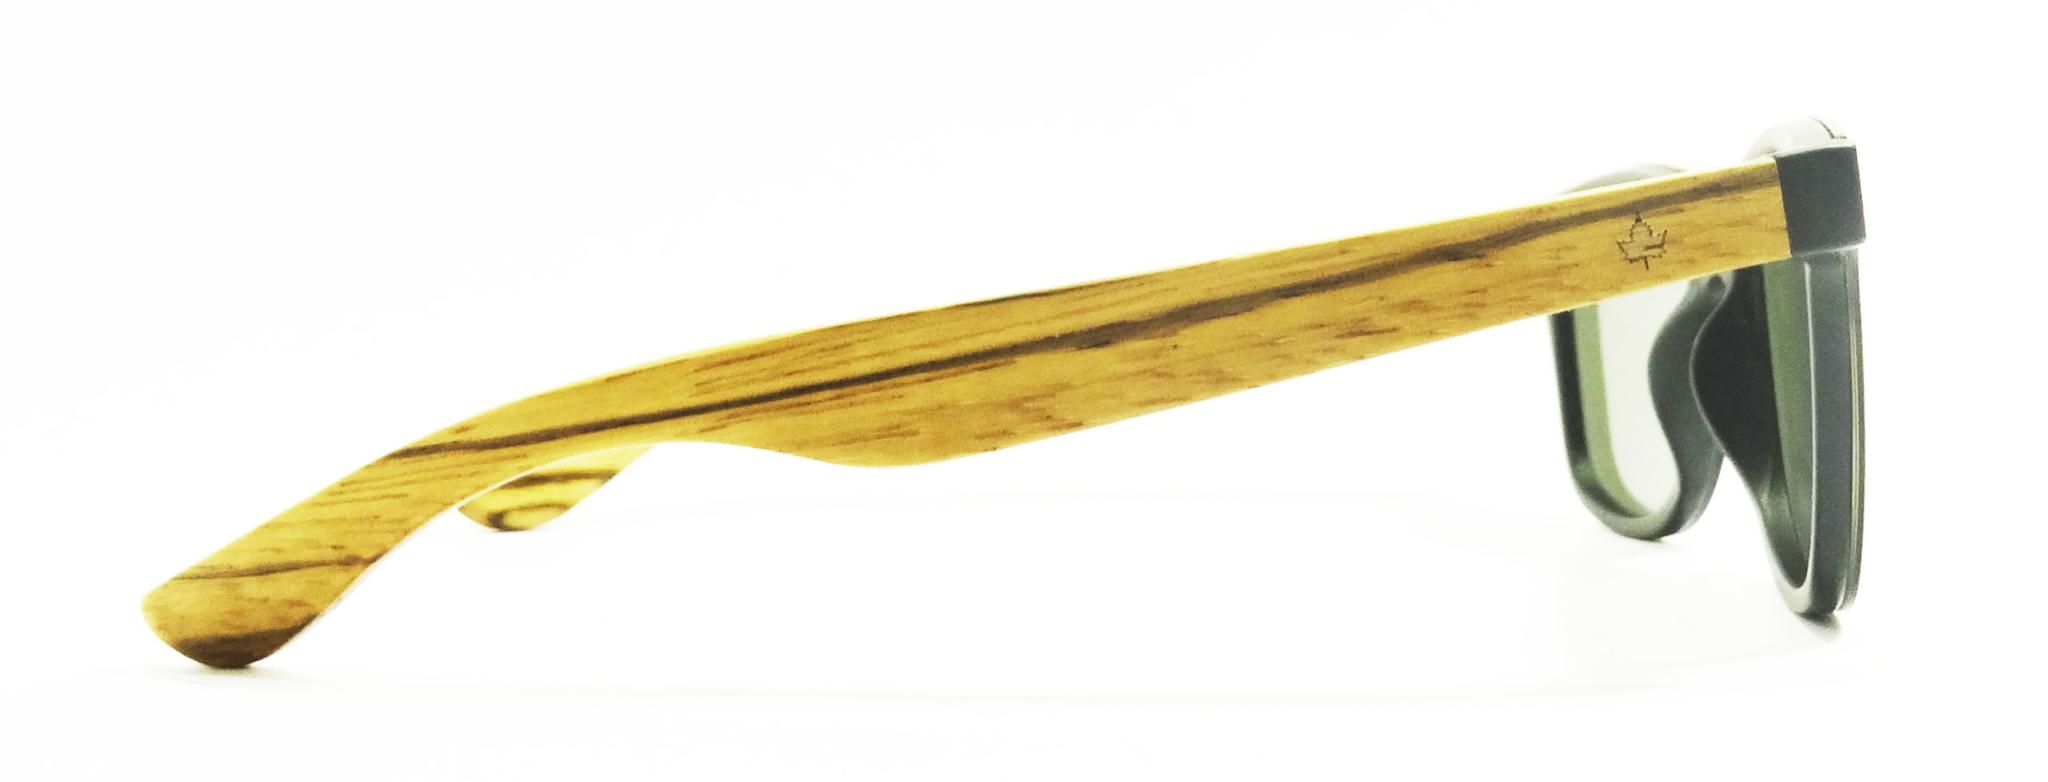 59f4e161-197d-gafas-de-sol